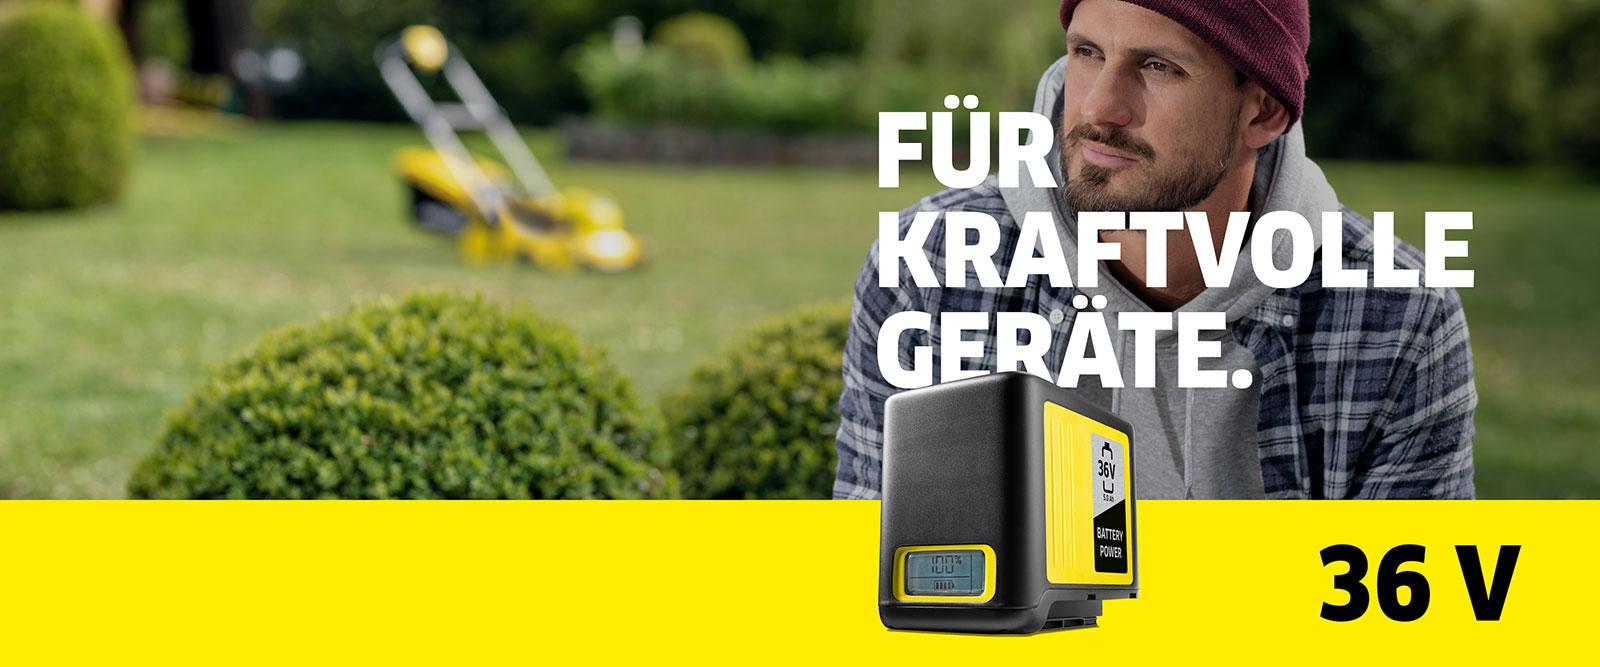 36 V Kärcher Battery Power-Akkuplattform: für kraftvolle Geräte